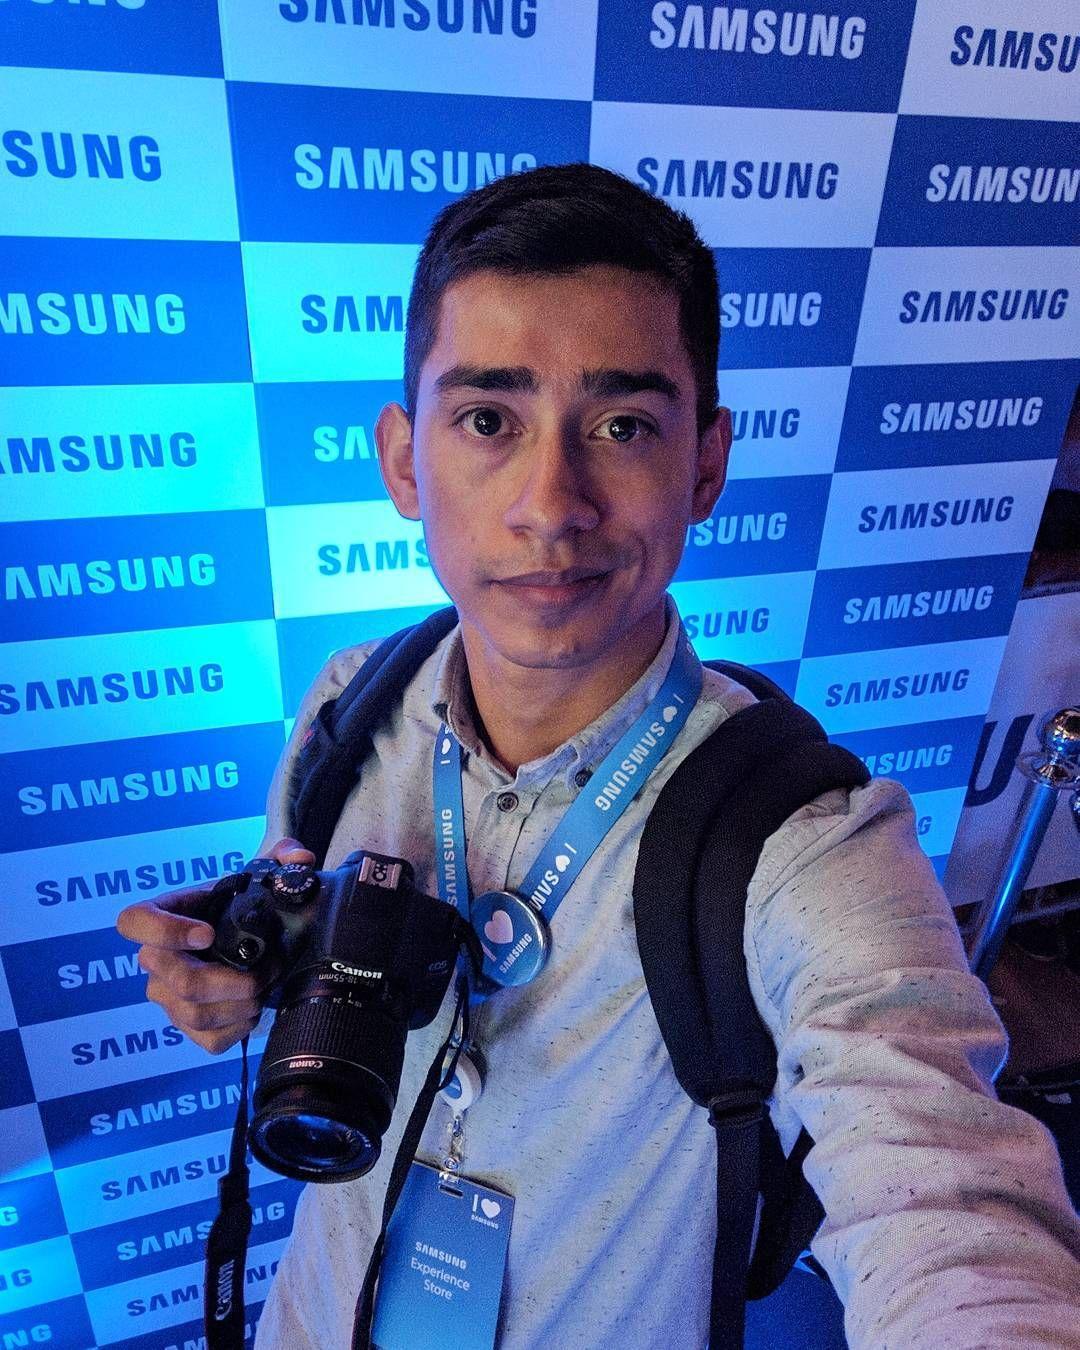 Cubriendo el lanzamiento de la nueva tienda de @samsungpe en #MegaPlaza fue una gran experiencia como sus instalaciones. #SamsungExperienceStore  #FB